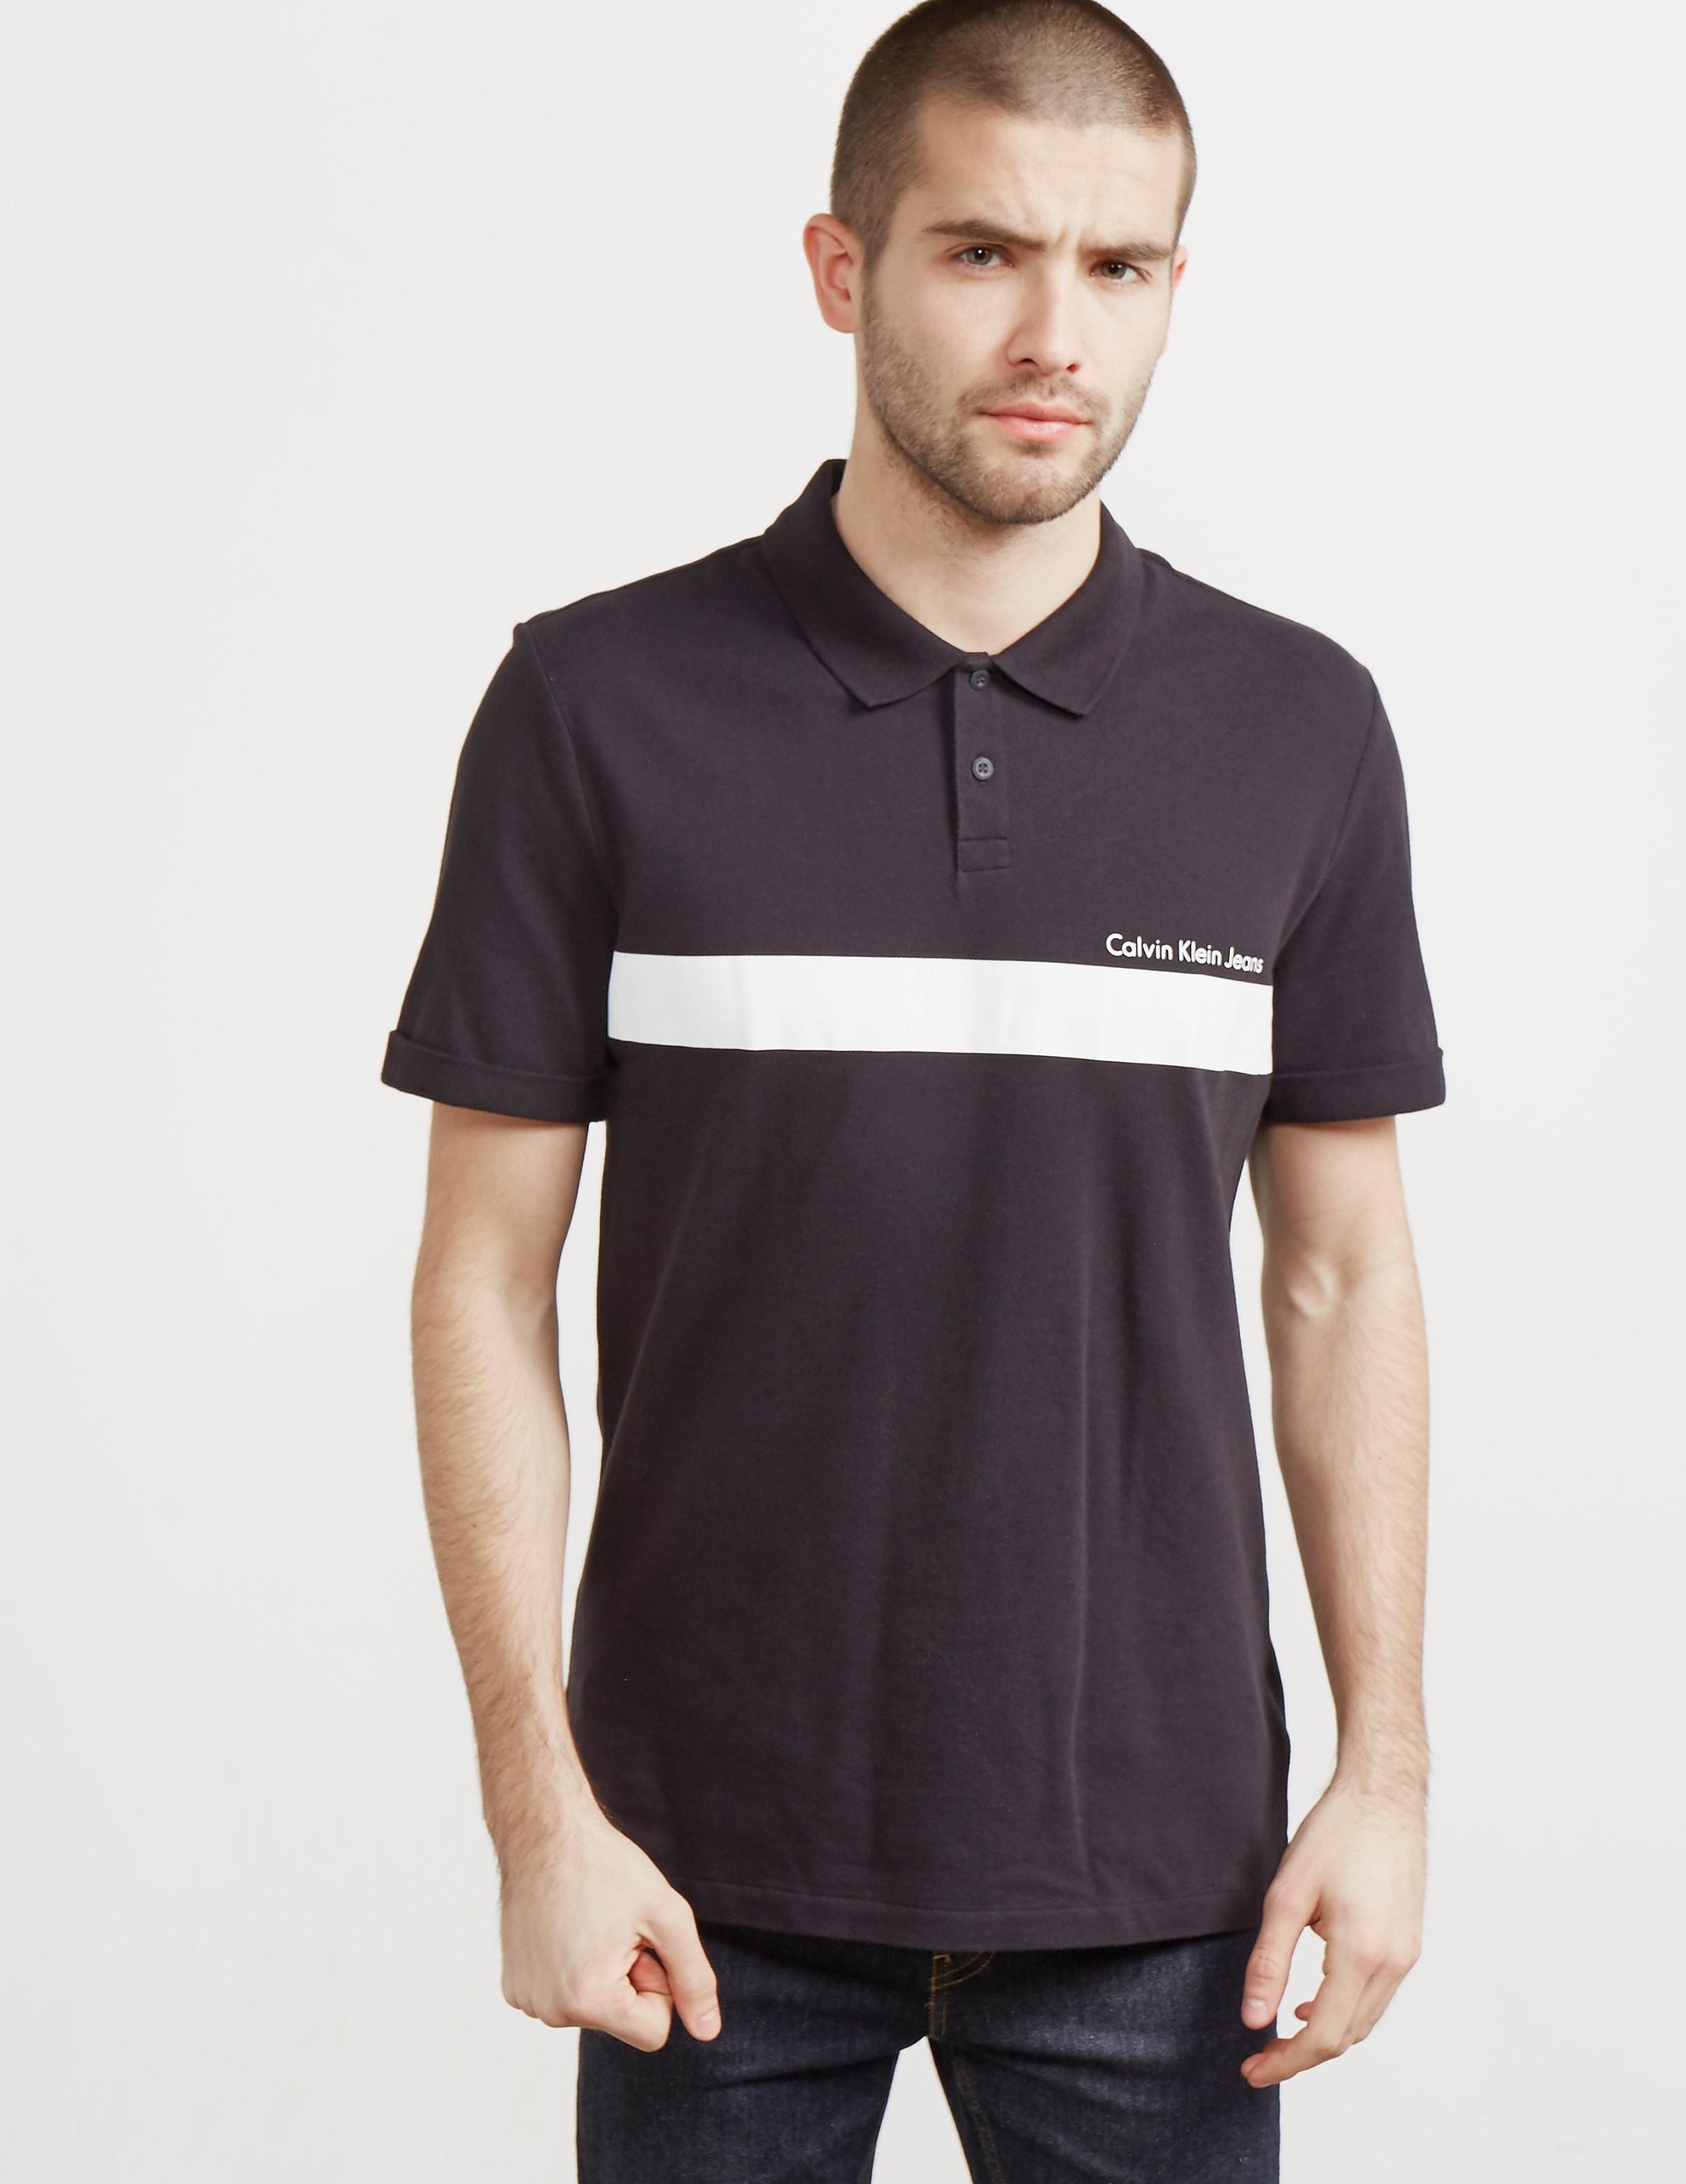 Calvin Klein Pertolis Block Short Sleeve Polo Shirt